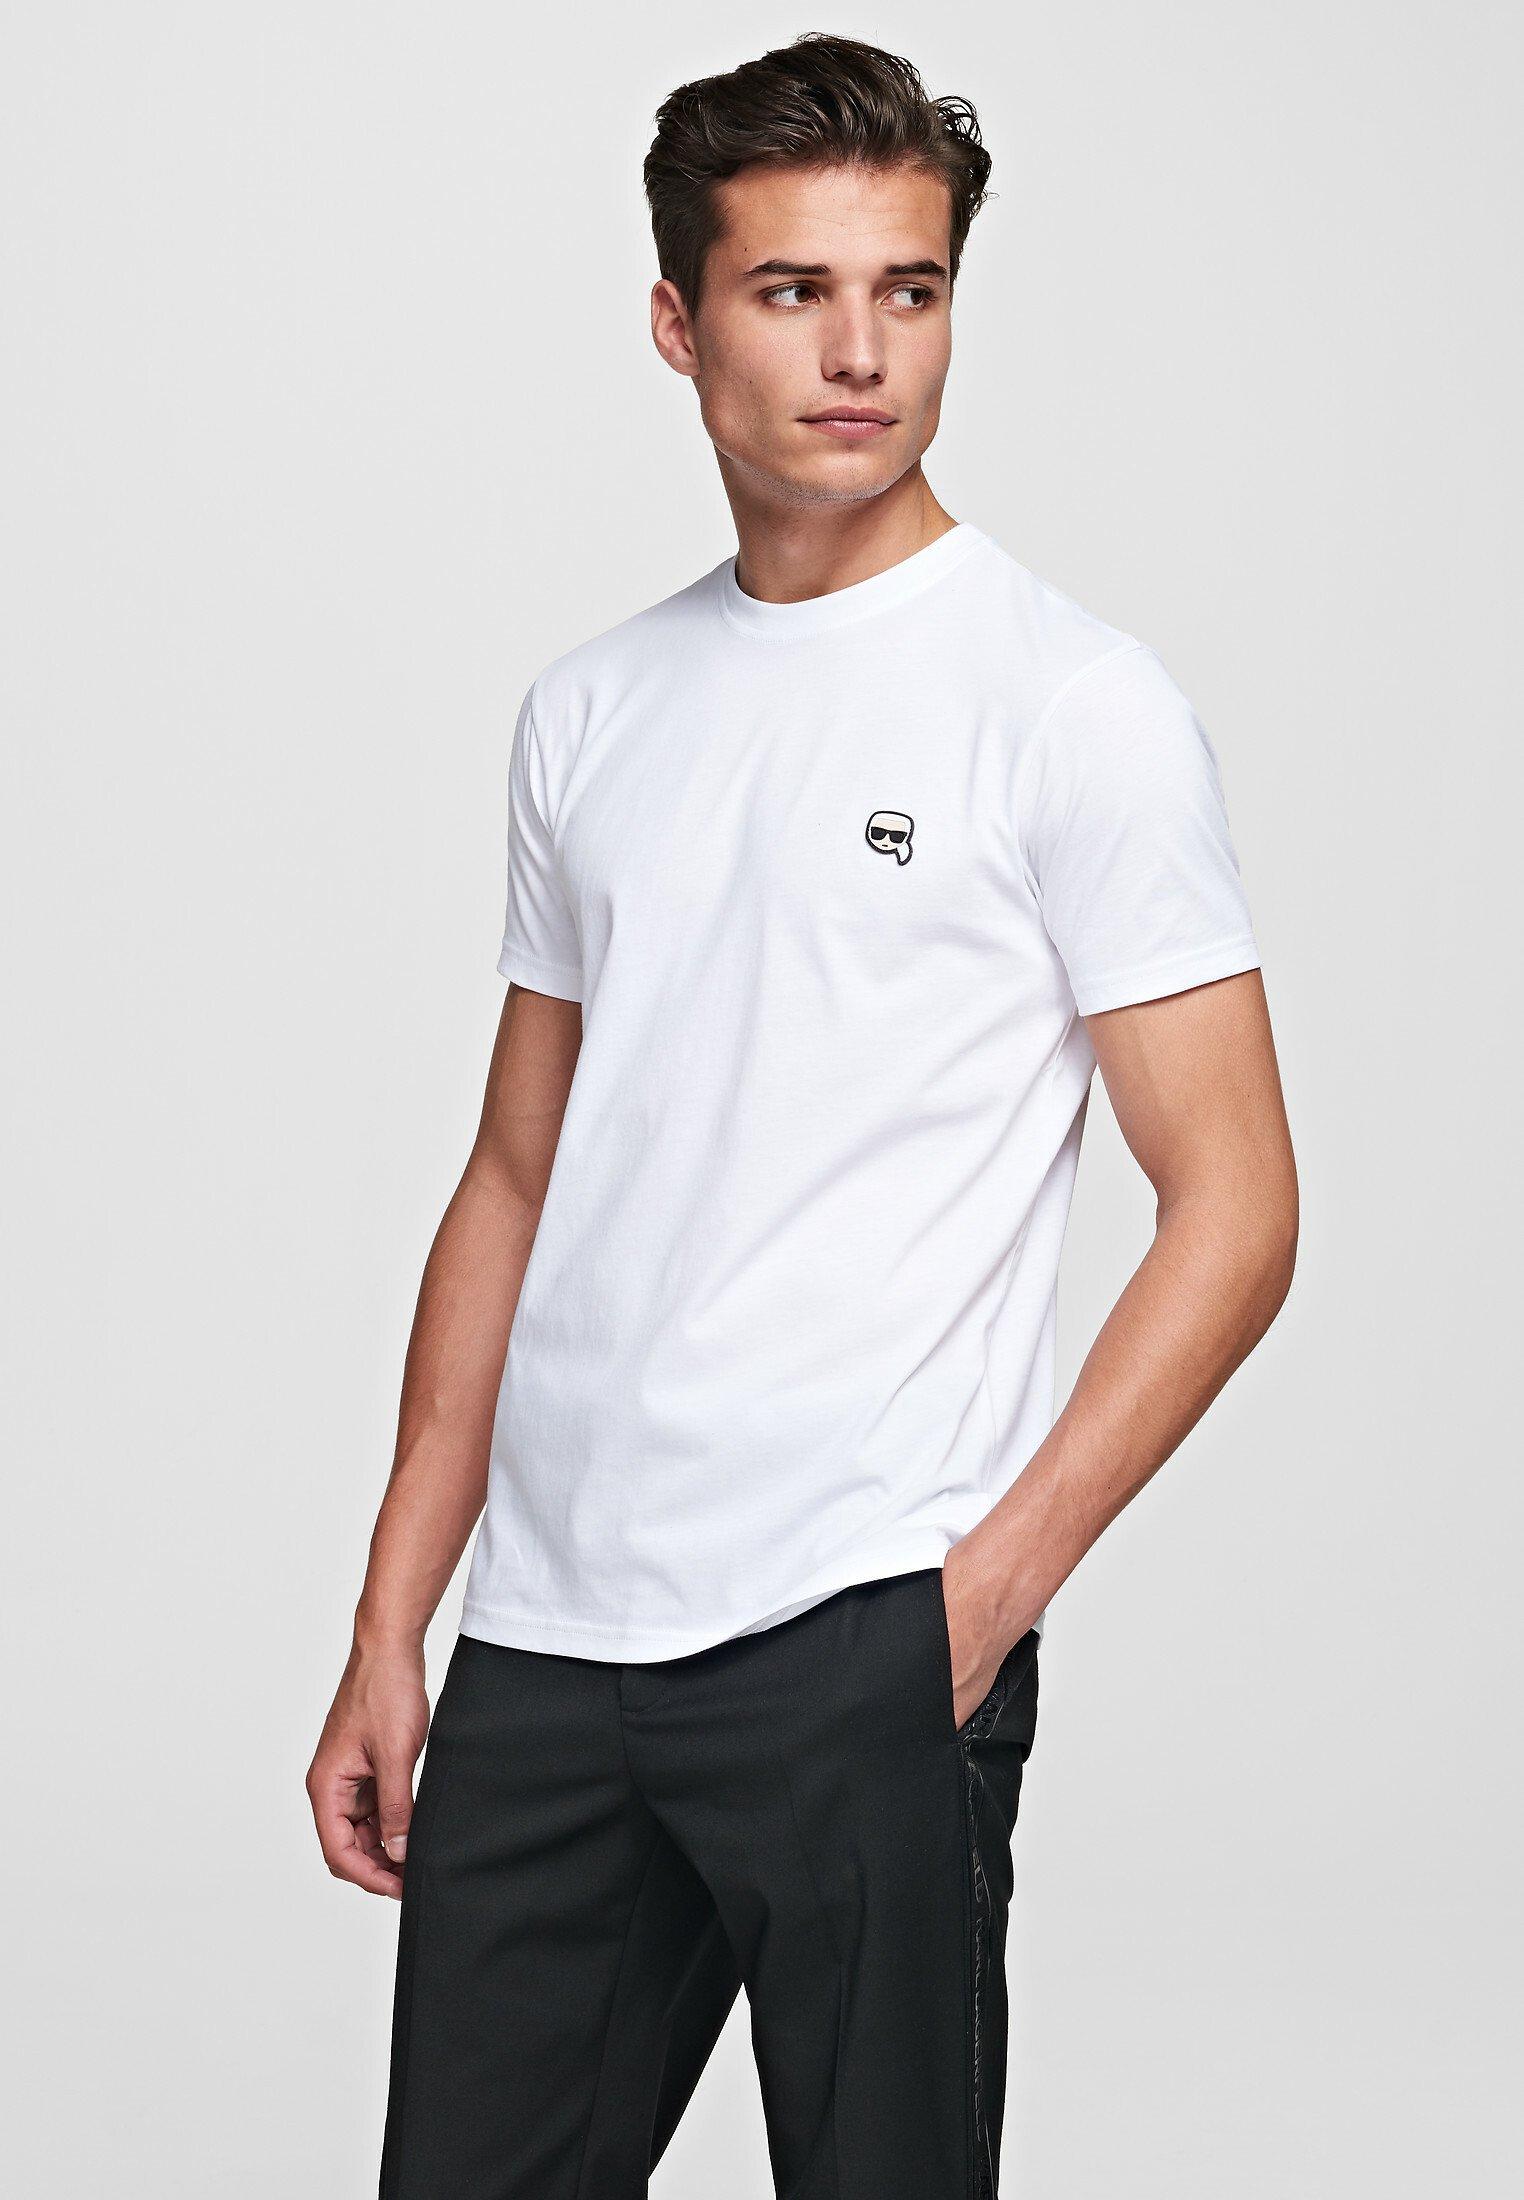 Homme KARL LAGERFELD - T-shirt basique